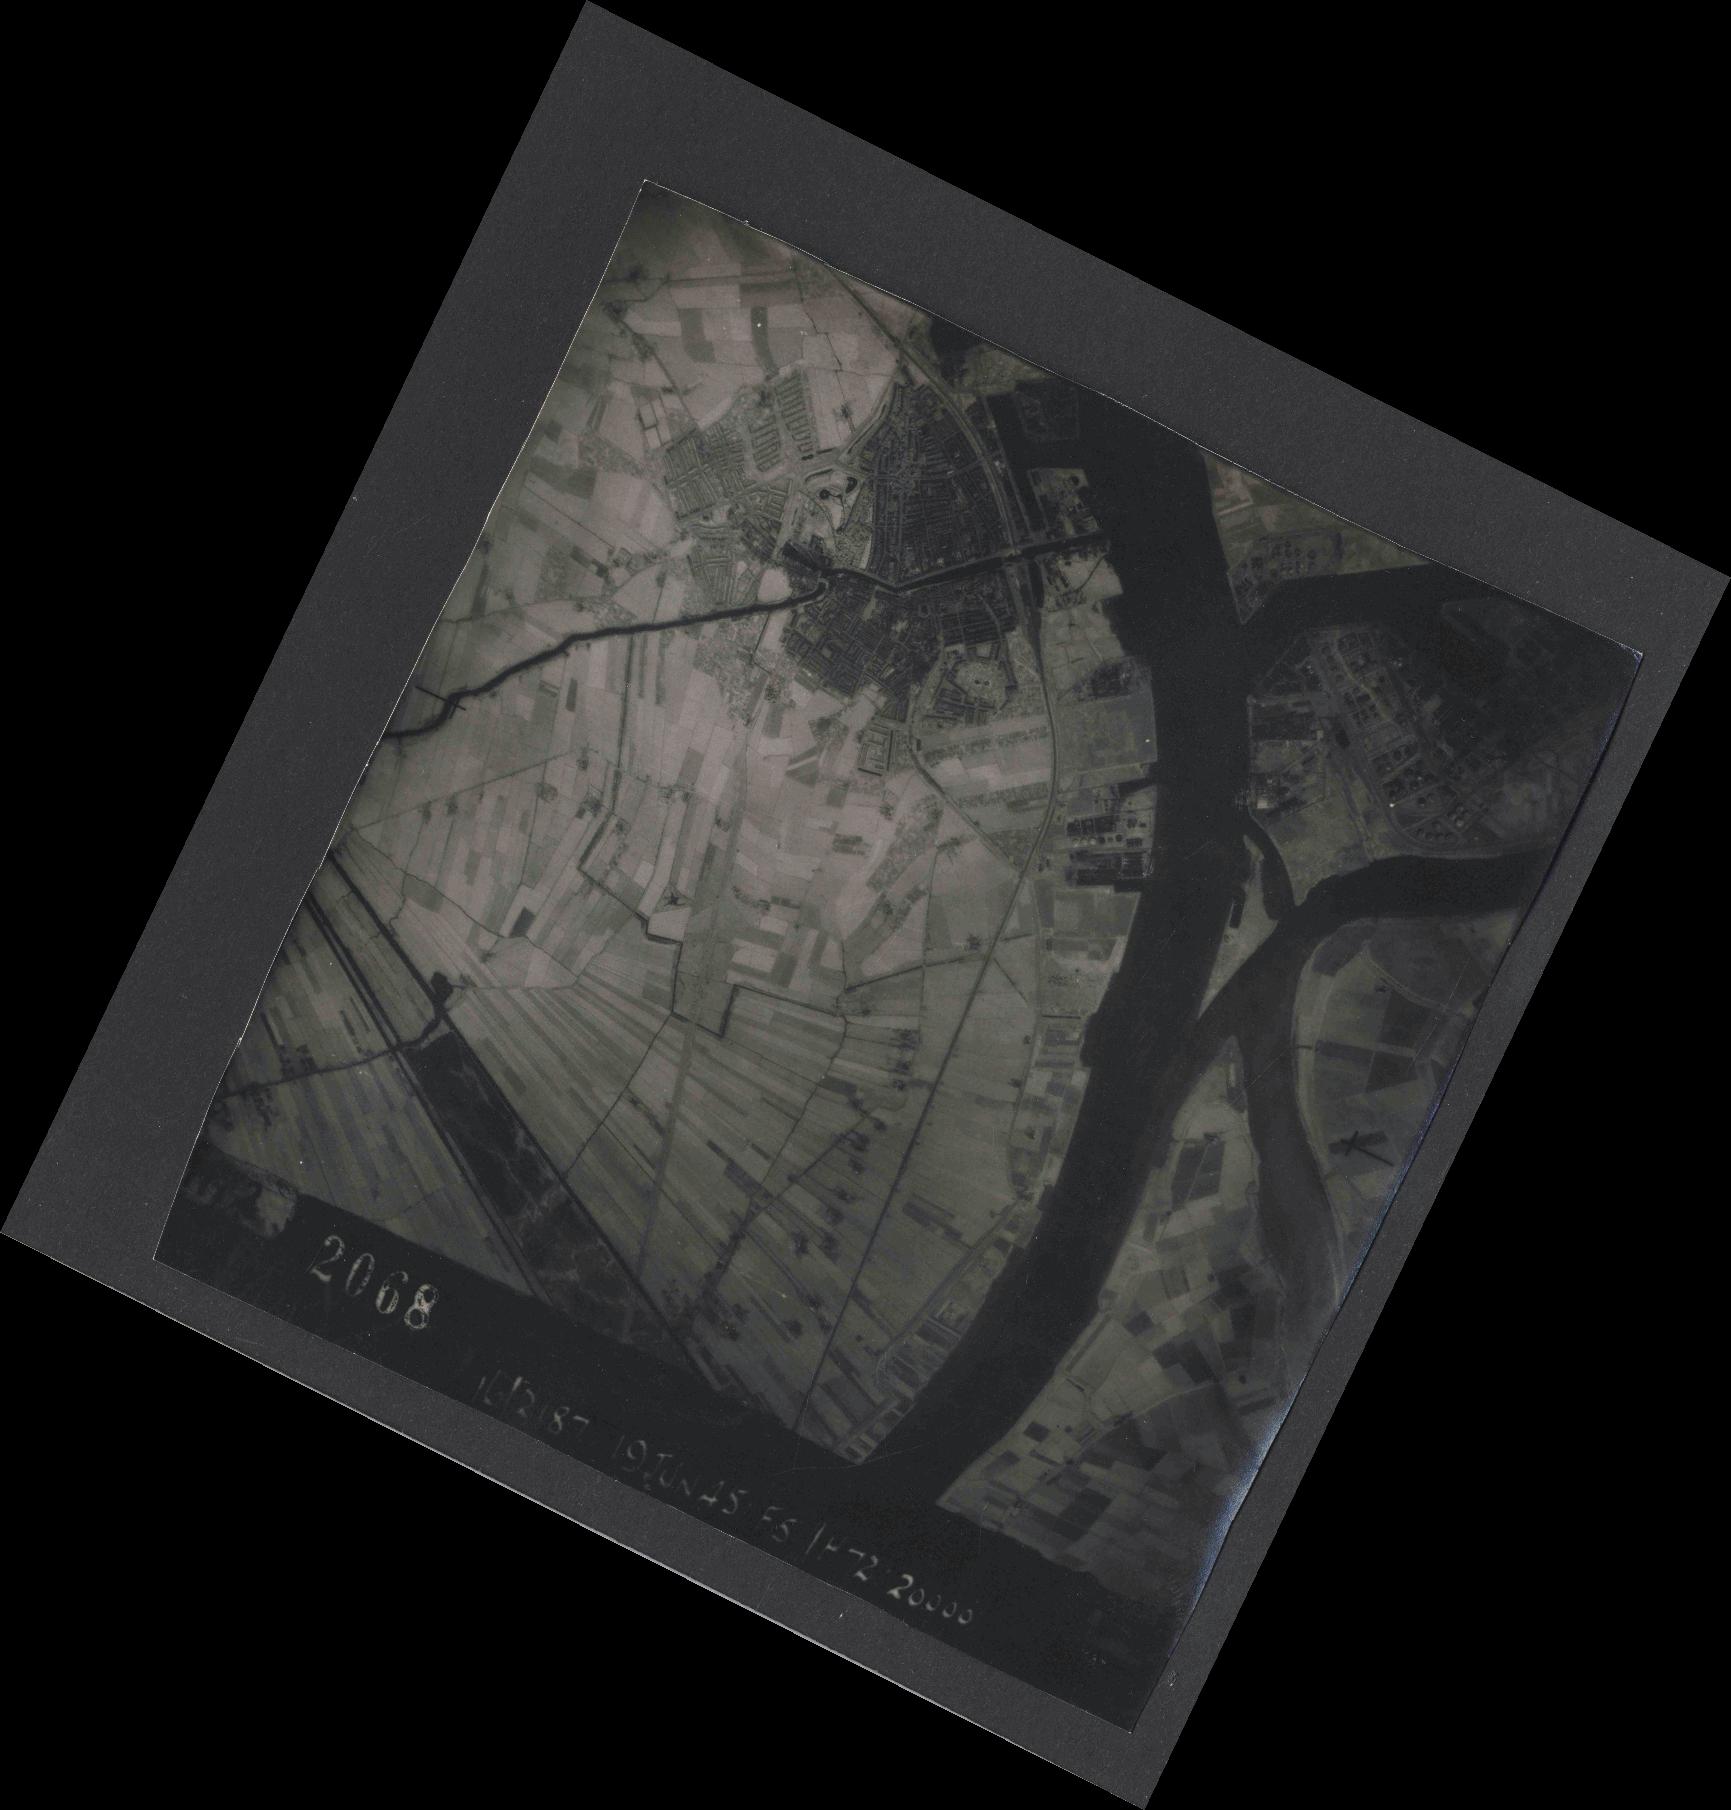 Collection RAF aerial photos 1940-1945 - flight 551, run 02, photo 2068